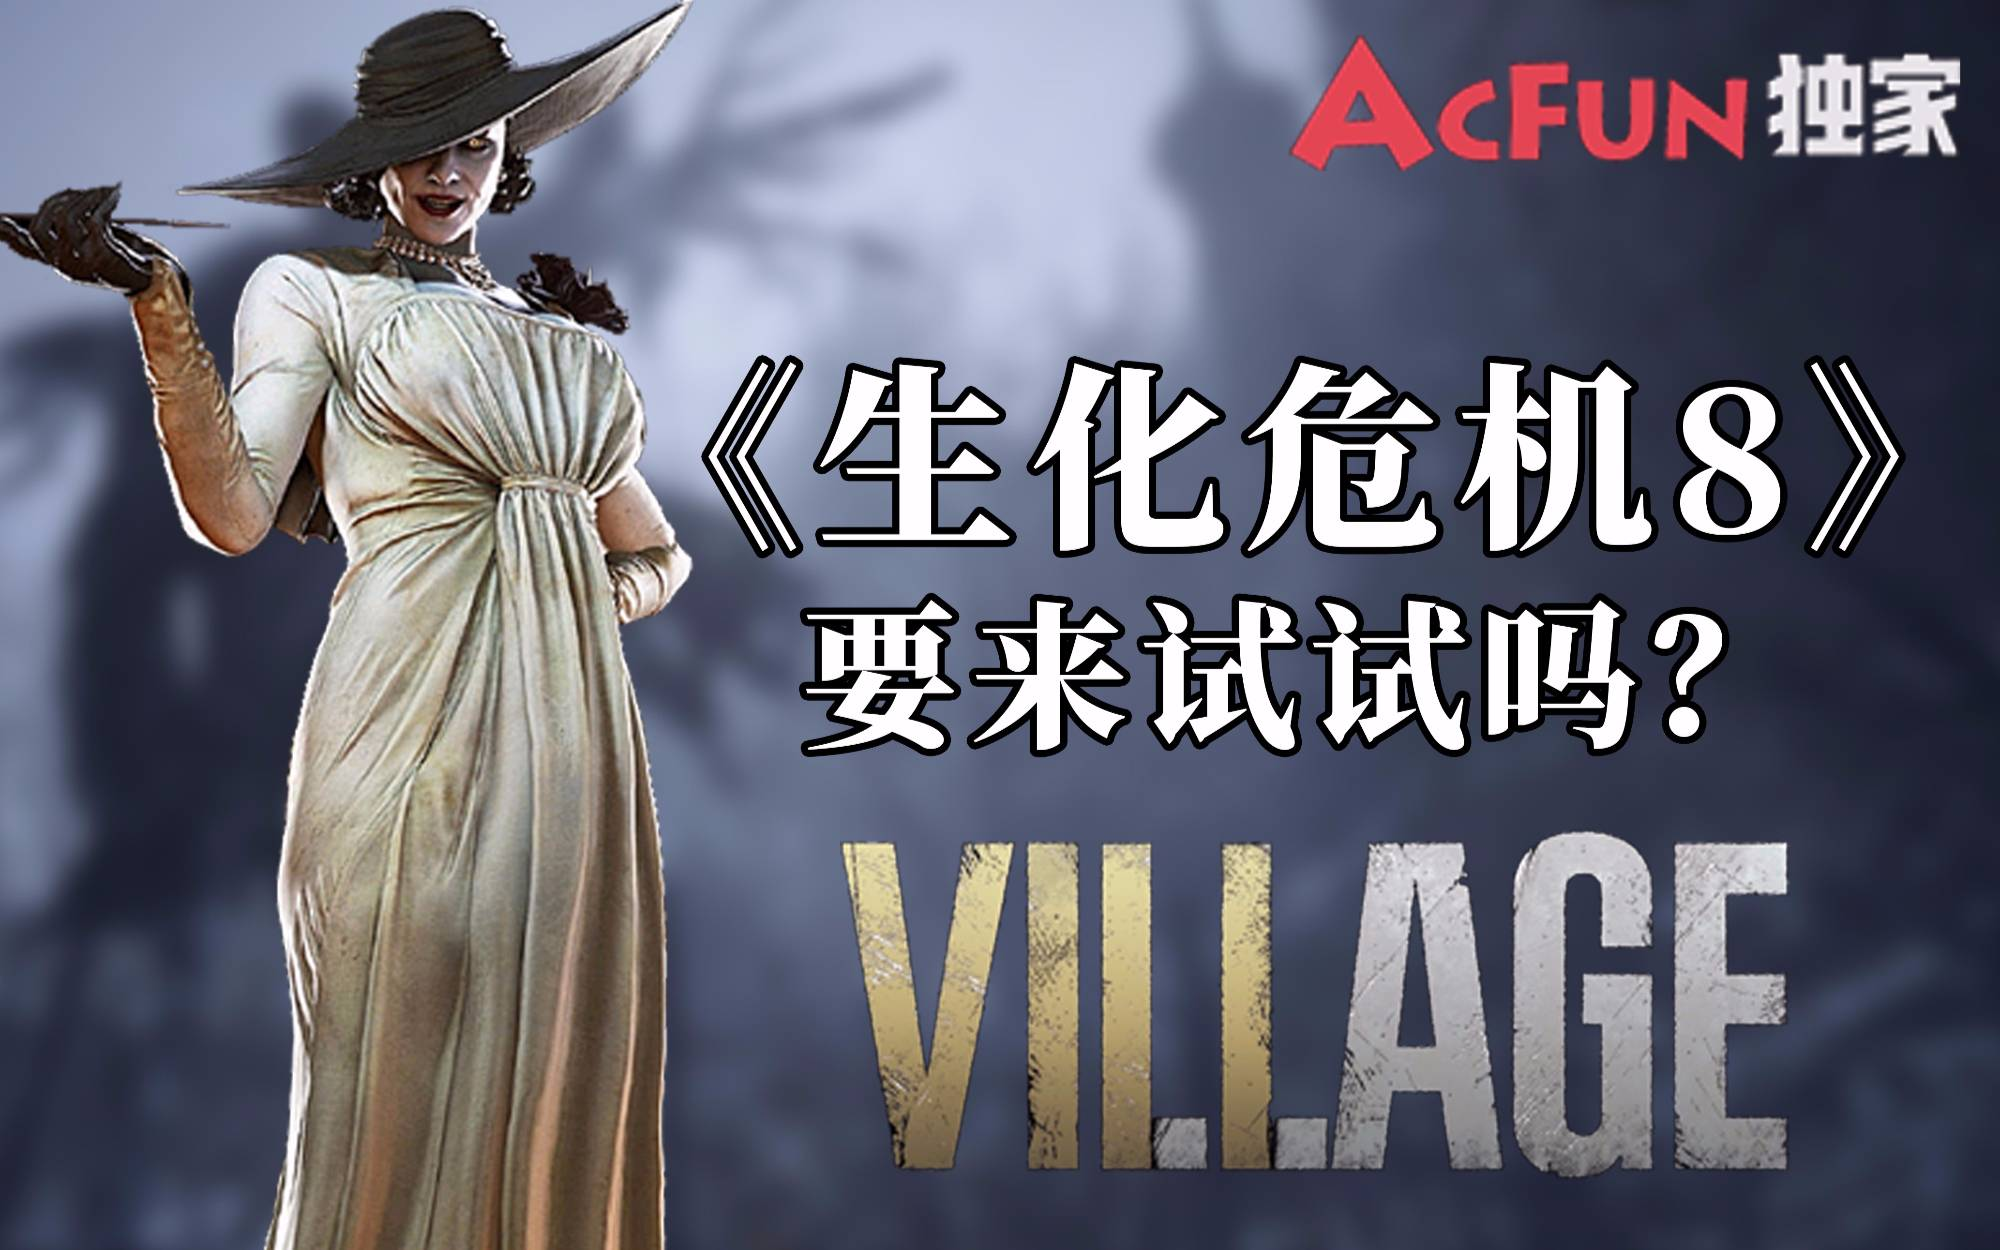 【猴山独家】《生化危机8:村庄》当色欲战胜了恐惧